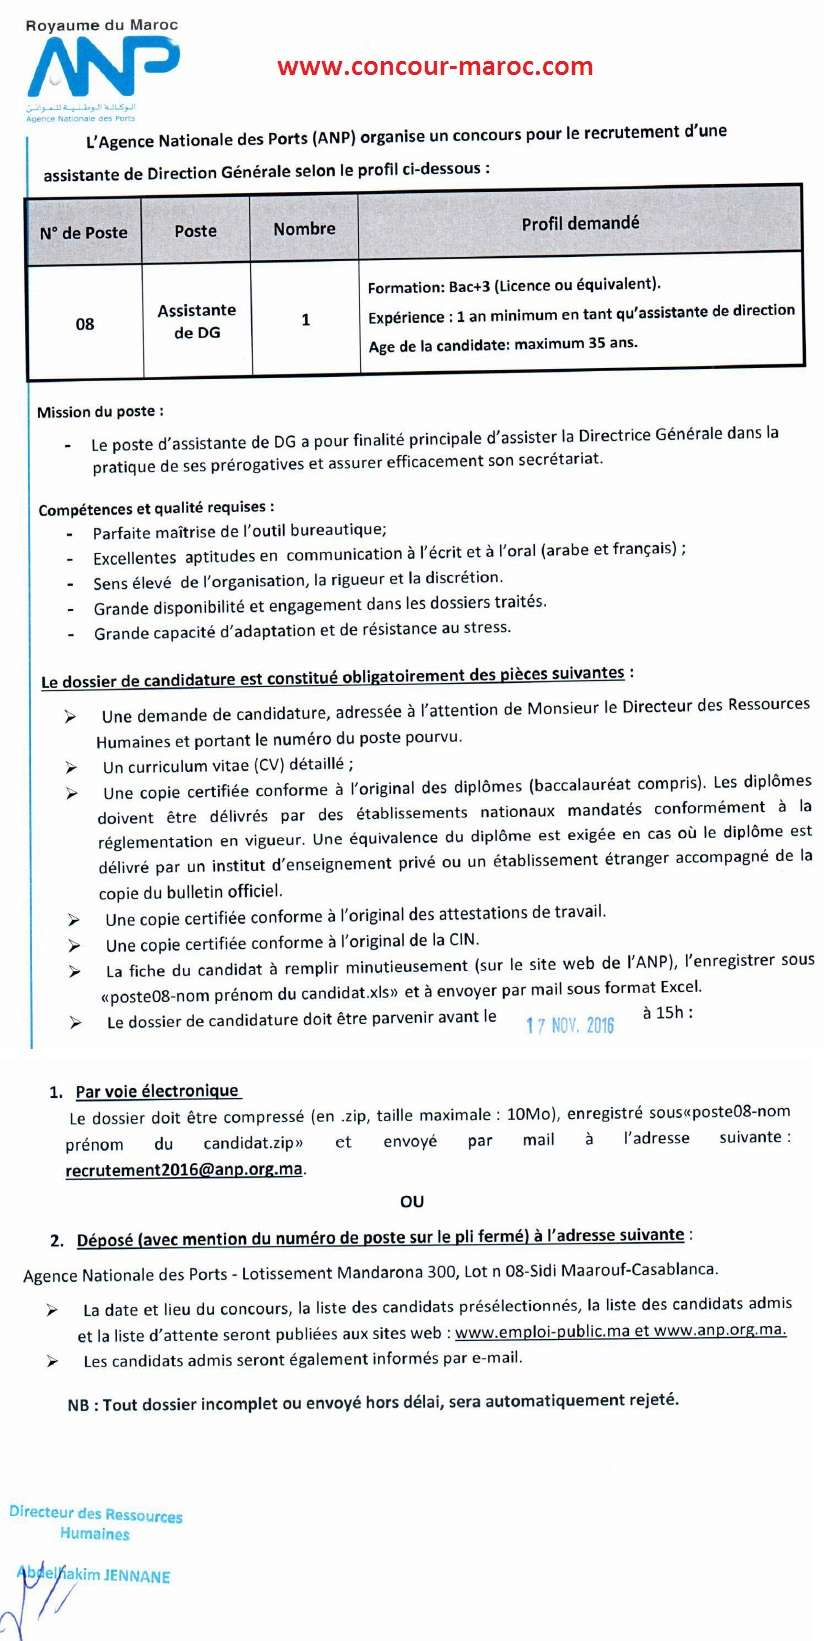 الوكالة الوطنية للموانئ : مباراة لتوظيف مساعدة المديرة العامة (1 منصب) آخر أجل لإيداع الترشيحات 17 نونبر 2016  Concou19